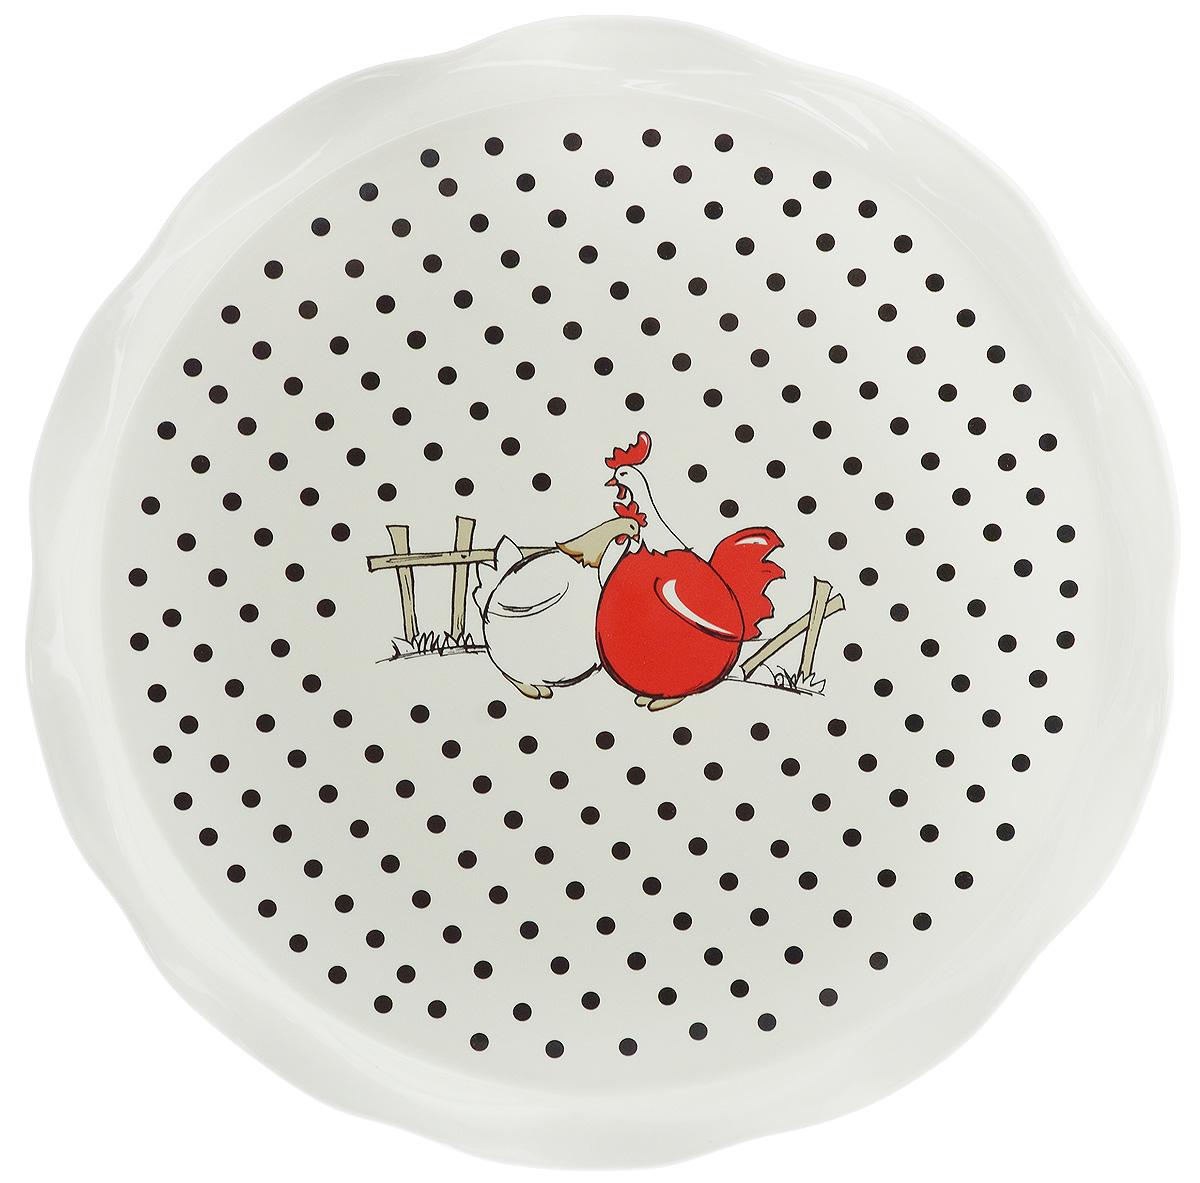 Блюдо круглое Bella, диаметр 30 смCM000001328Круглое блюдо Bella изготовлено из высококачественной керамики и декорировано изображением птиц. Такое оригинальное блюдо идеально подойдет для красивой сервировки стола.Рекомендуется мыть вручную с использованием неабразивных моющих средств.Диаметр блюда: 30 см.Высота блюда: 1,9 см.